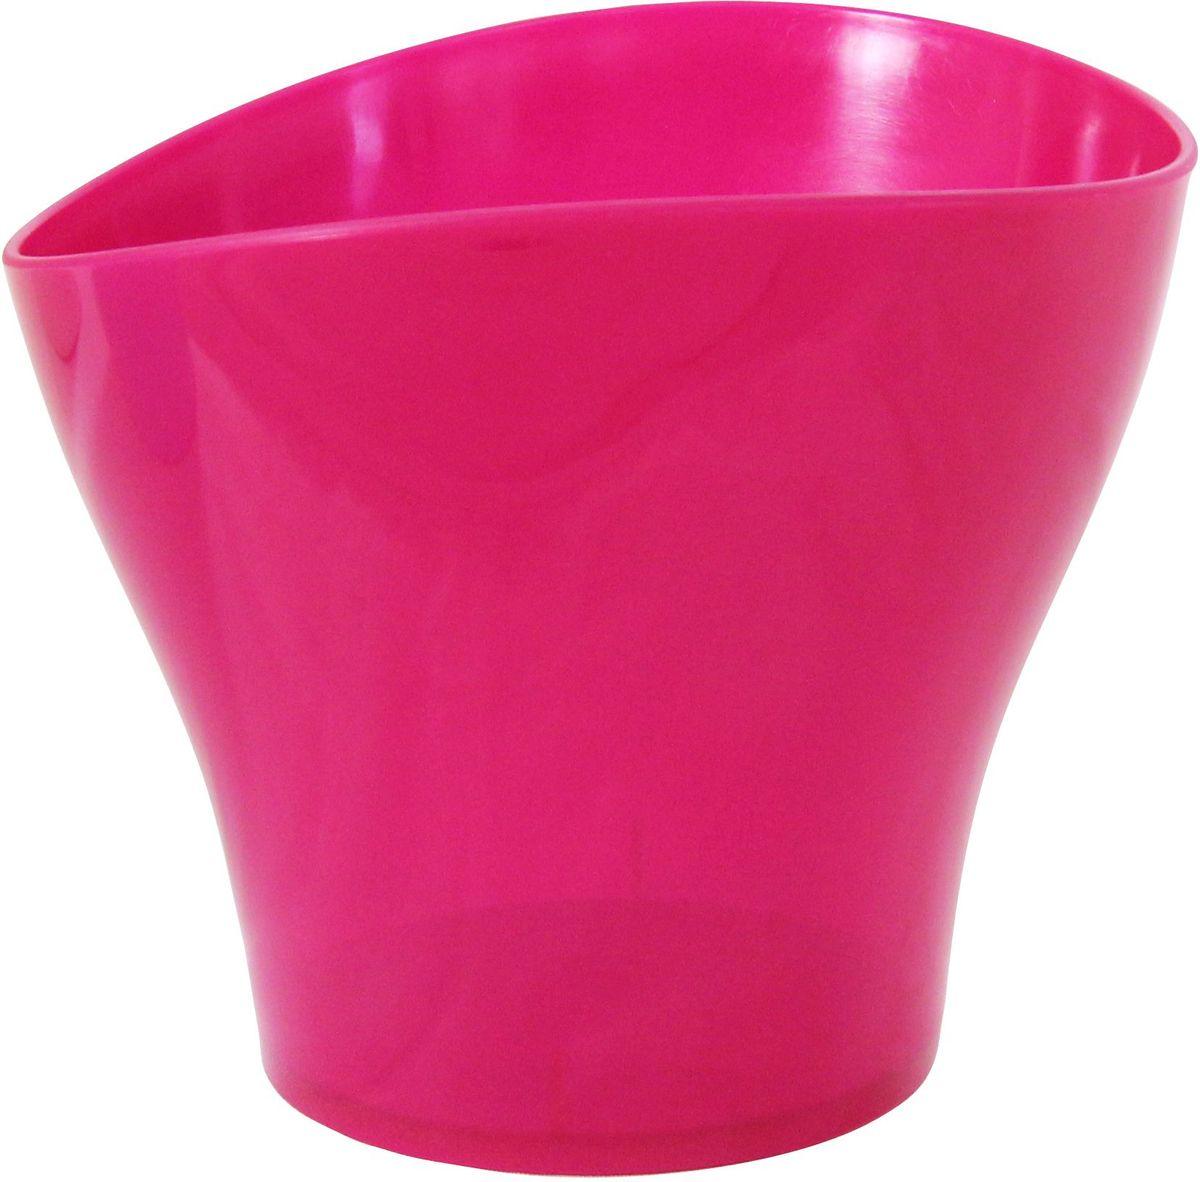 Кашпо Idea Волна, цвет: малиновый, 800 млМ 3102Кашпо Idea Волна изготовлено из прочного полипропилена (пластика) и предназначено для выращивания растений, цветов и трав в домашних условиях. Такое кашпо порадует вас функциональностью, а благодаря лаконичному дизайну впишется в любой интерьер помещения. Объем кашпо: 0,8 л.